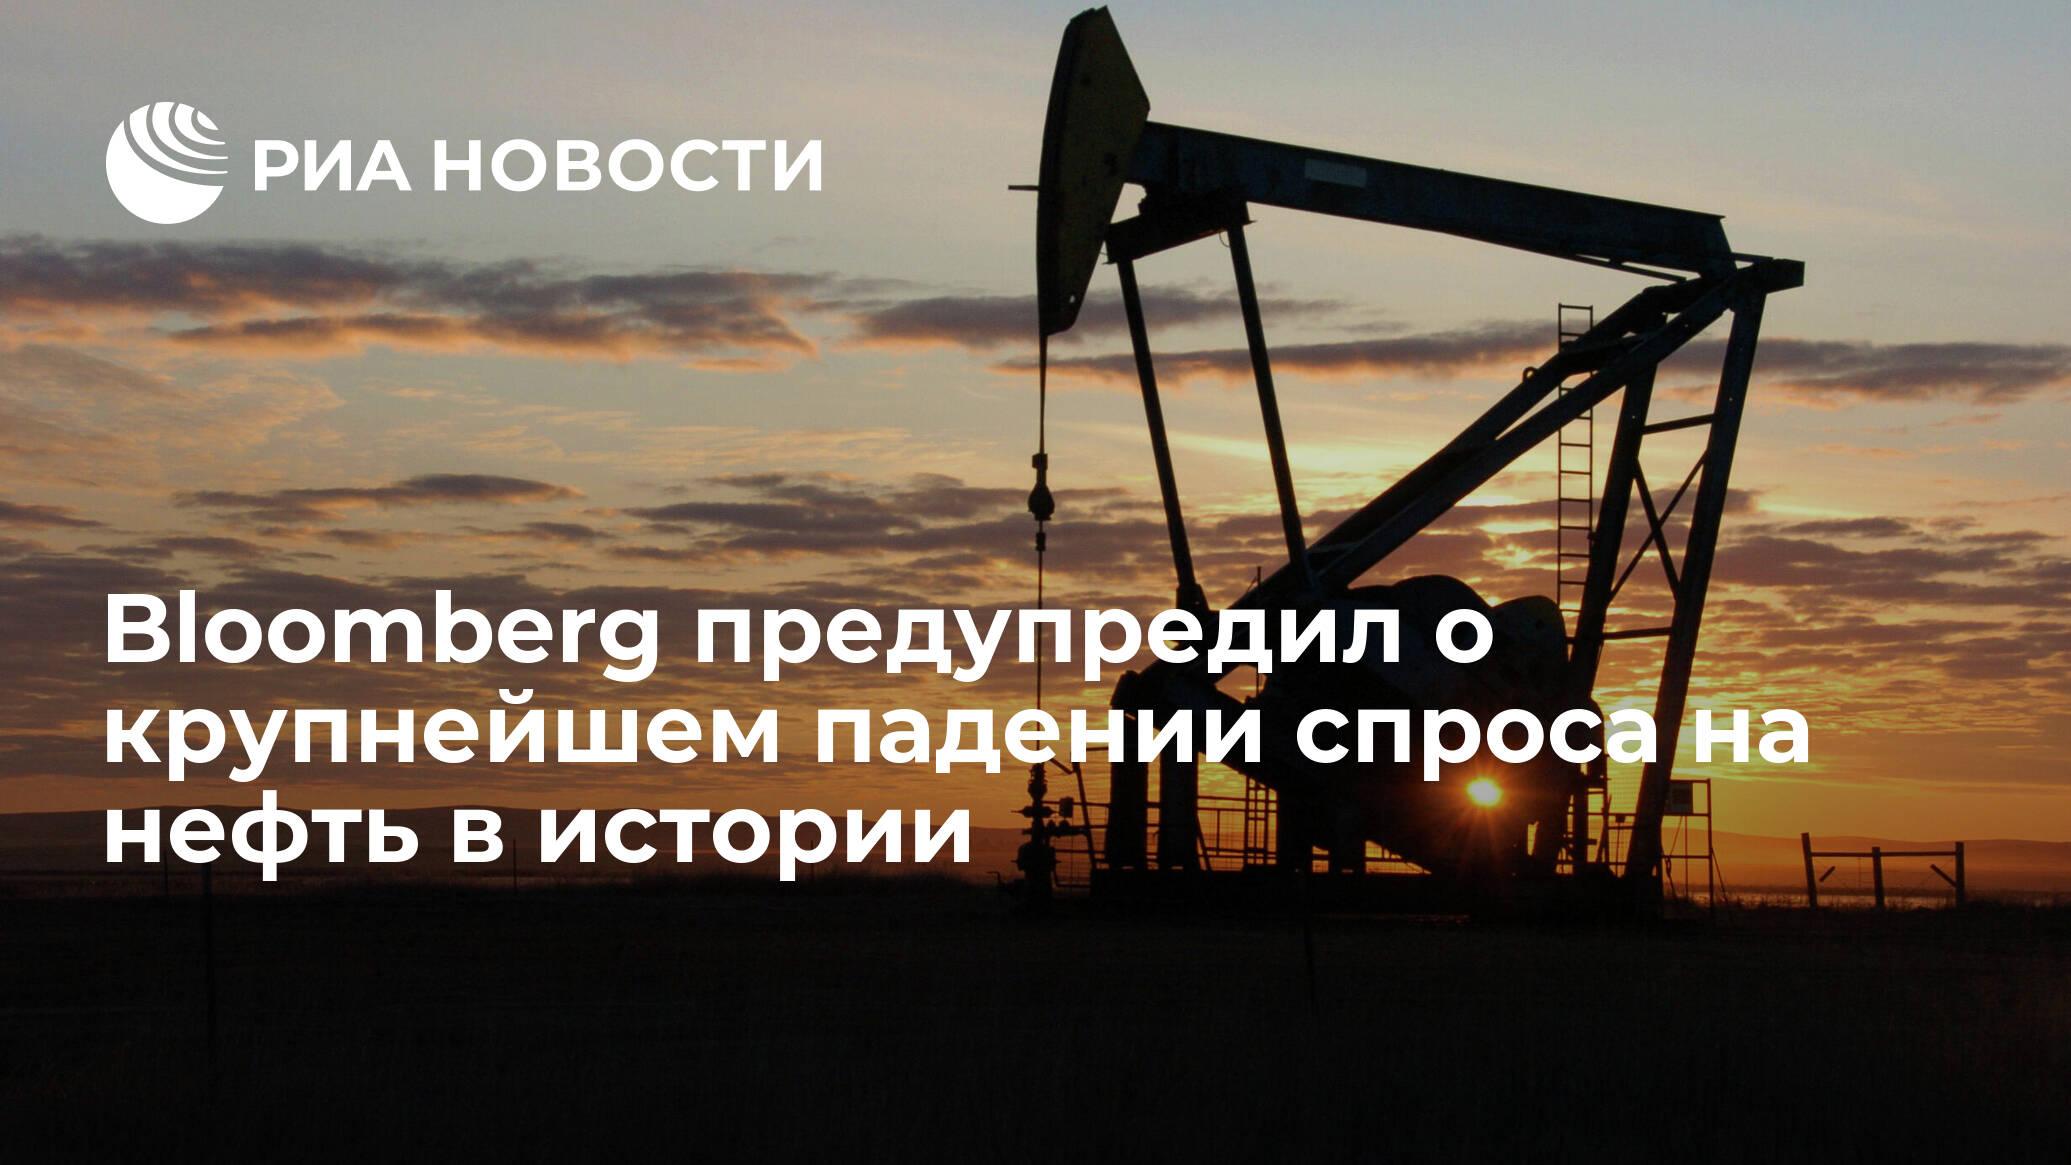 Bloomberg предупредил о крупнейшем падении спроса на нефть в истории